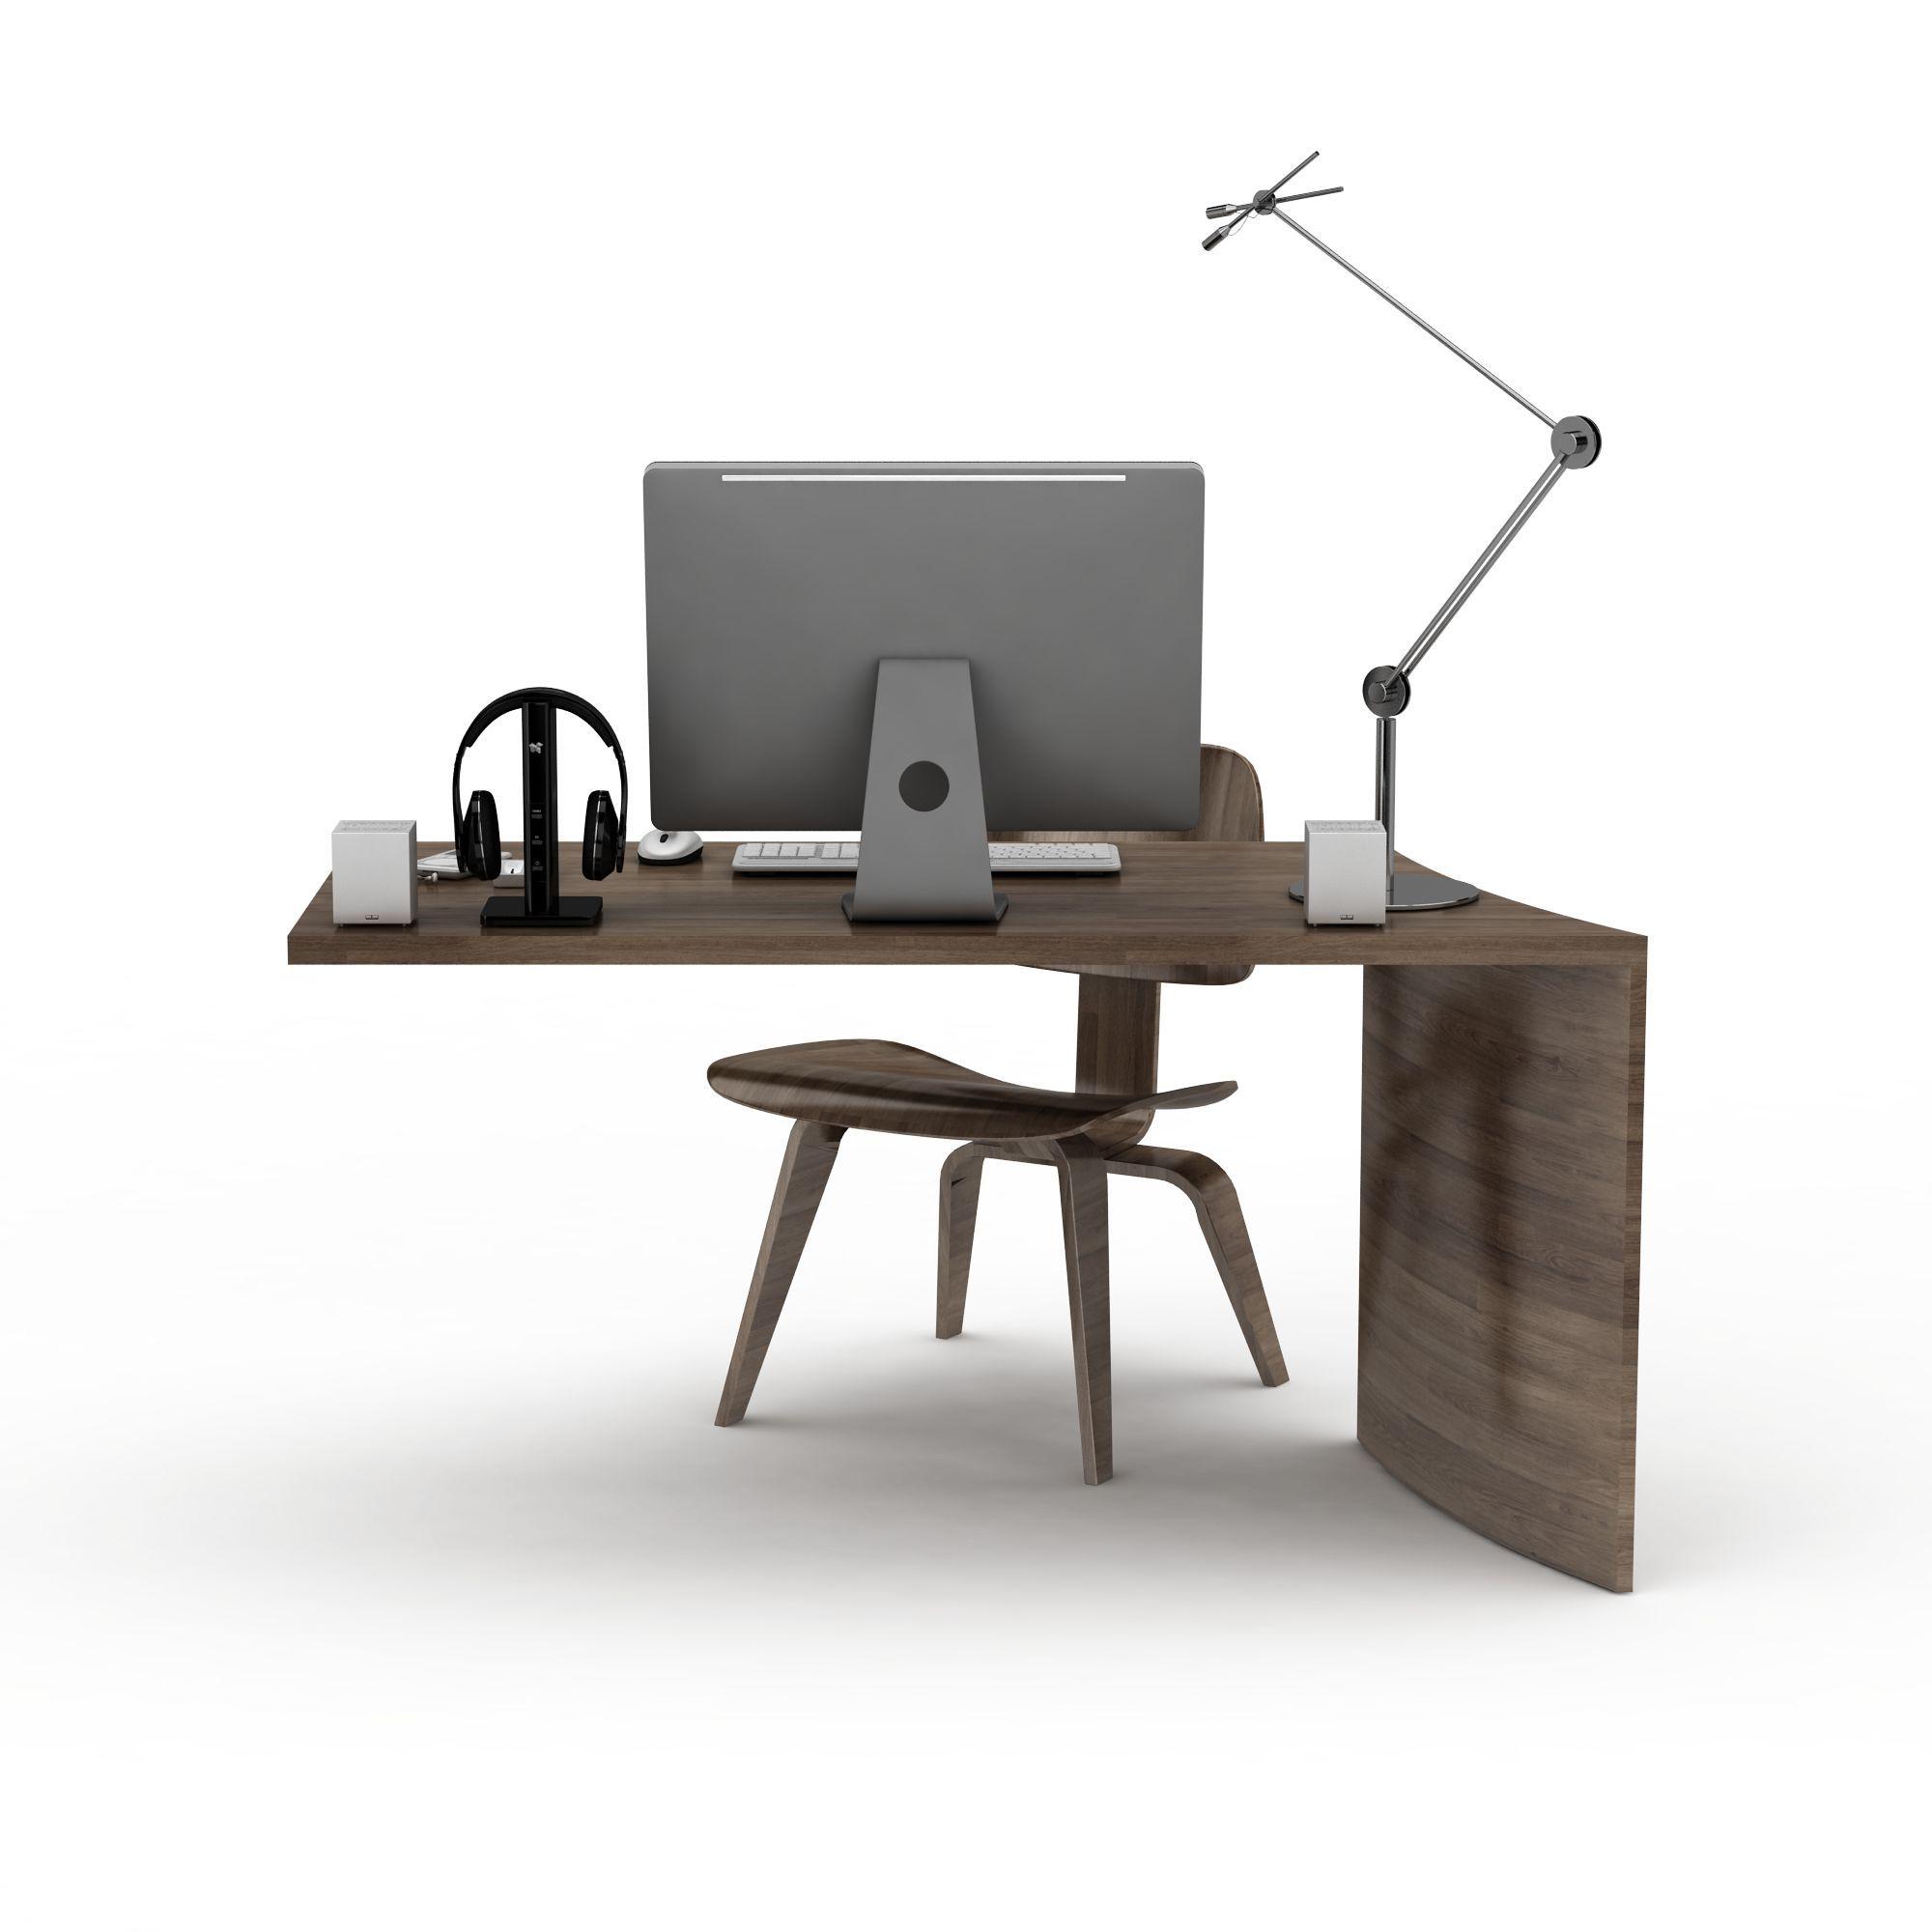 办公电脑桌椅png高清图  办公电脑桌椅高清图详情 设计师 3d学院 模型